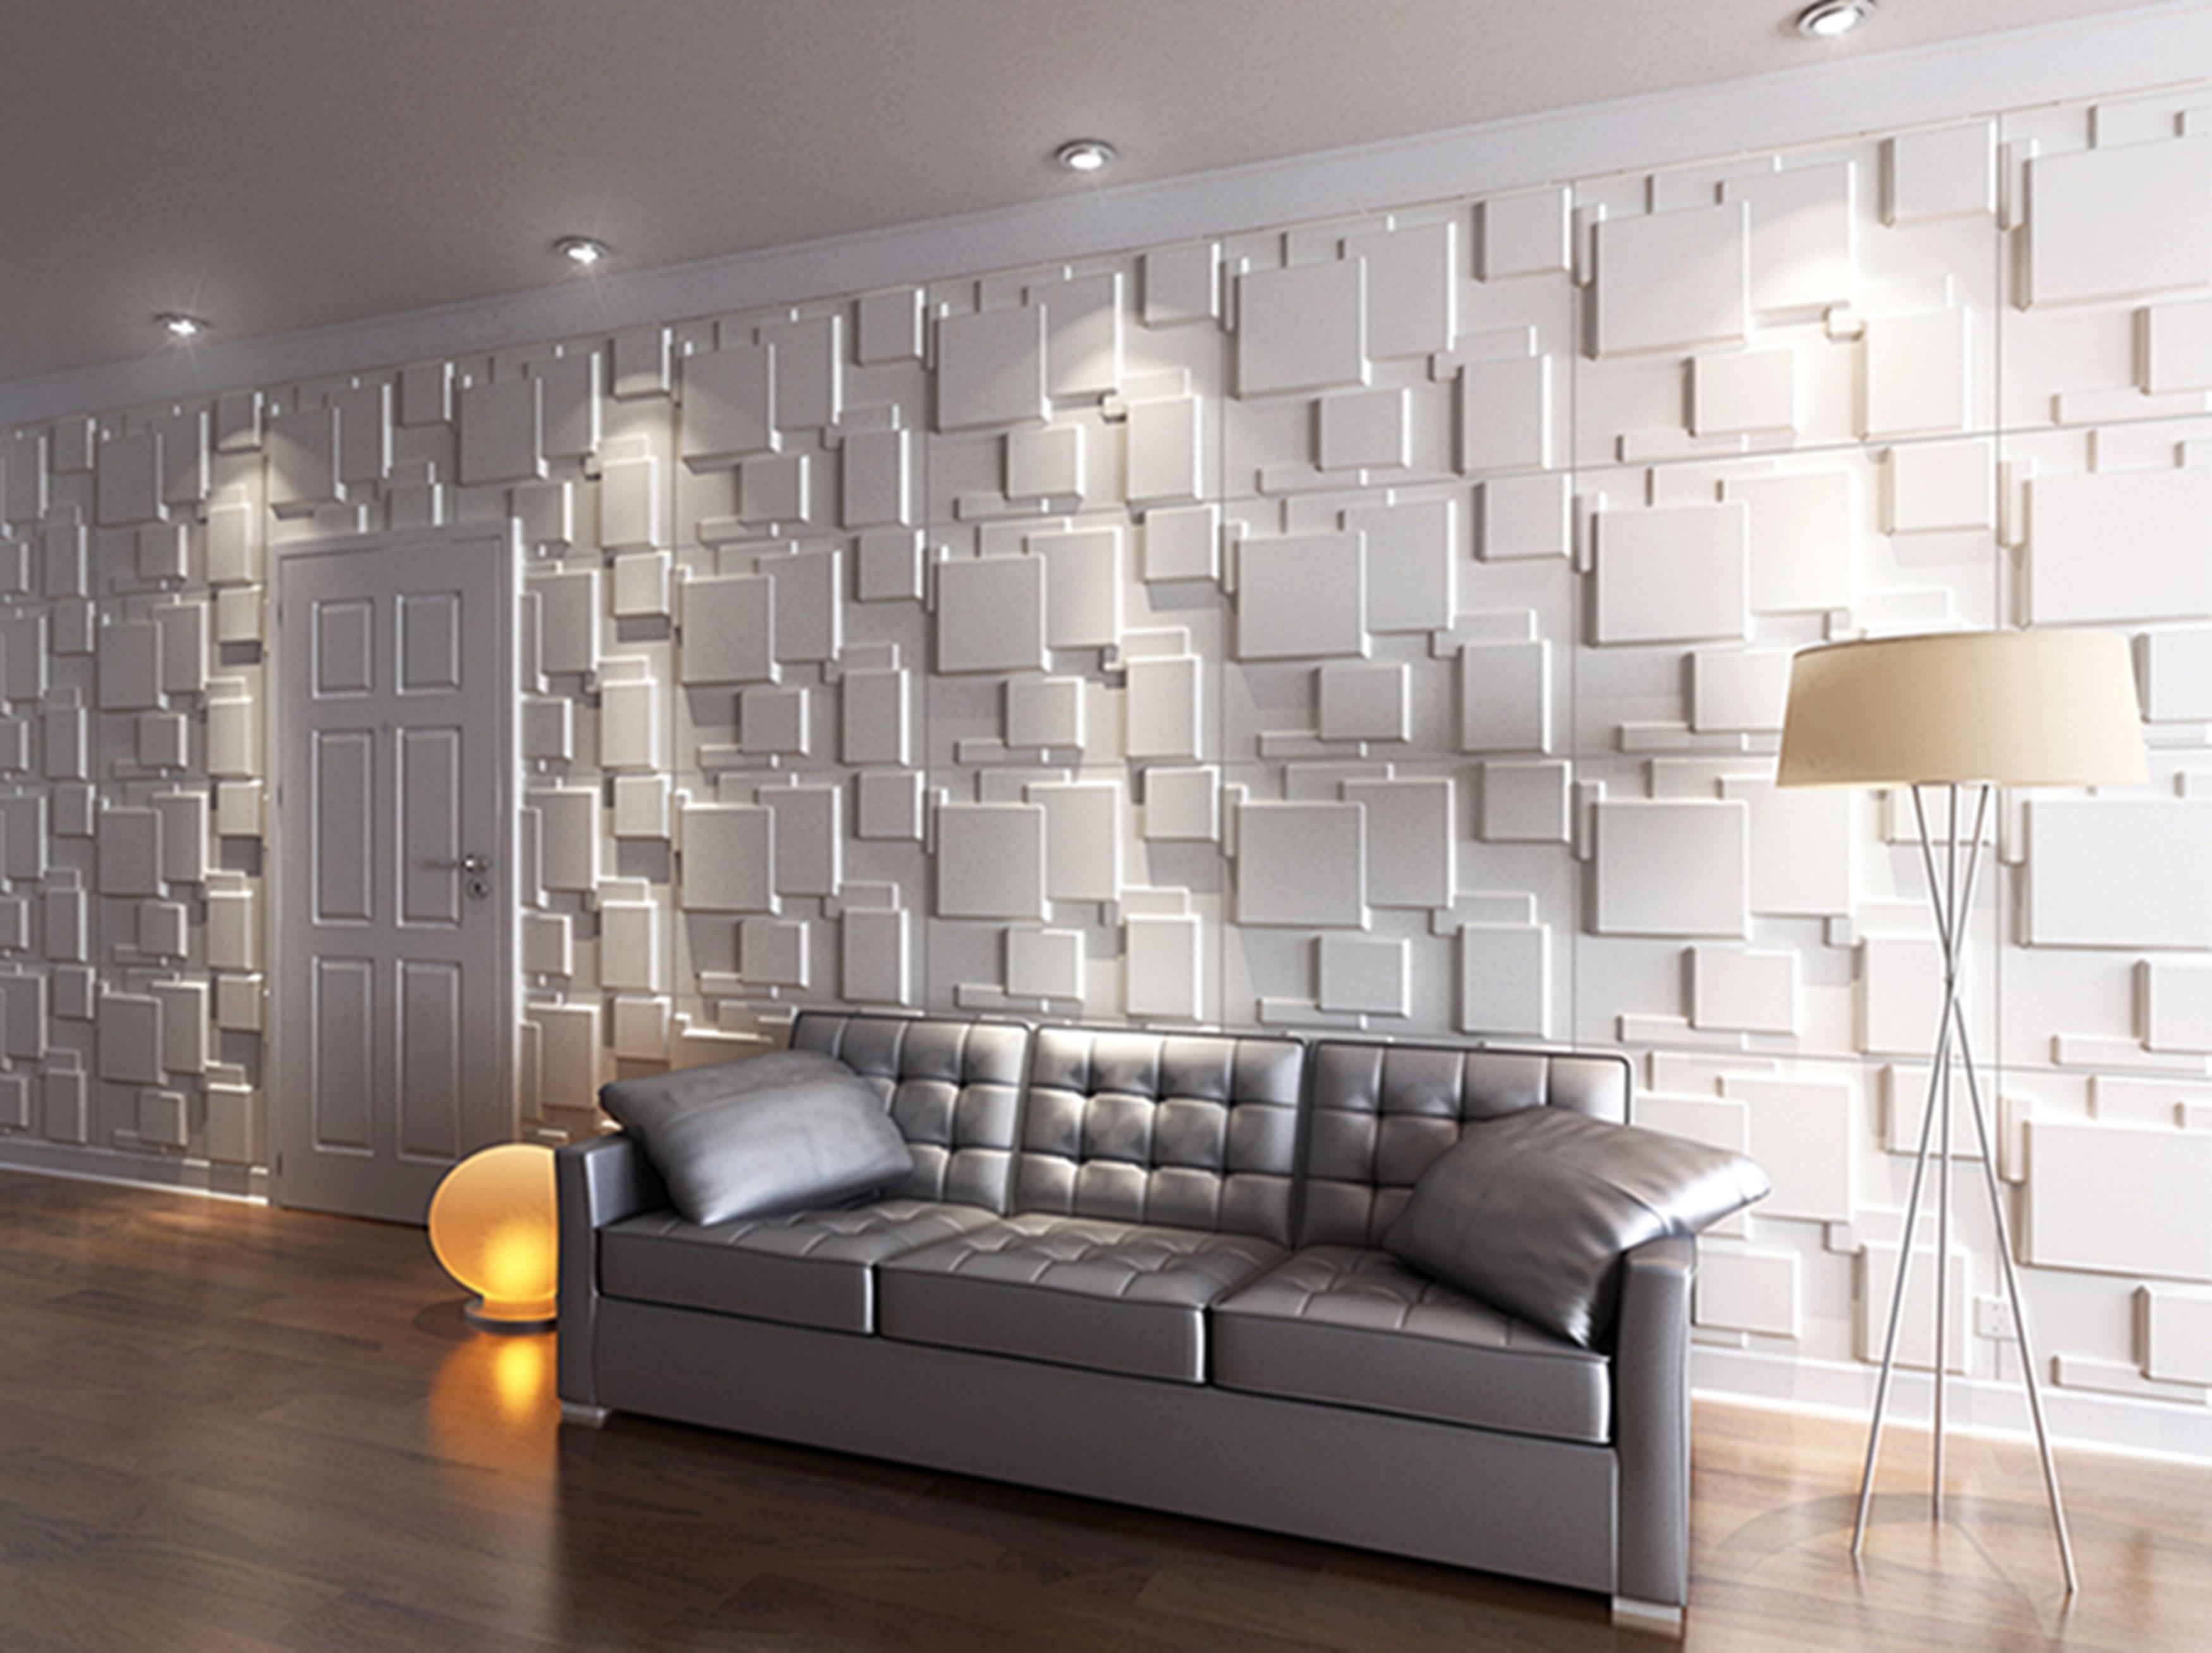 ورق جدران ثلاثي الابعاد 3d بديكورات وتصميمات مودرن ميكساتك